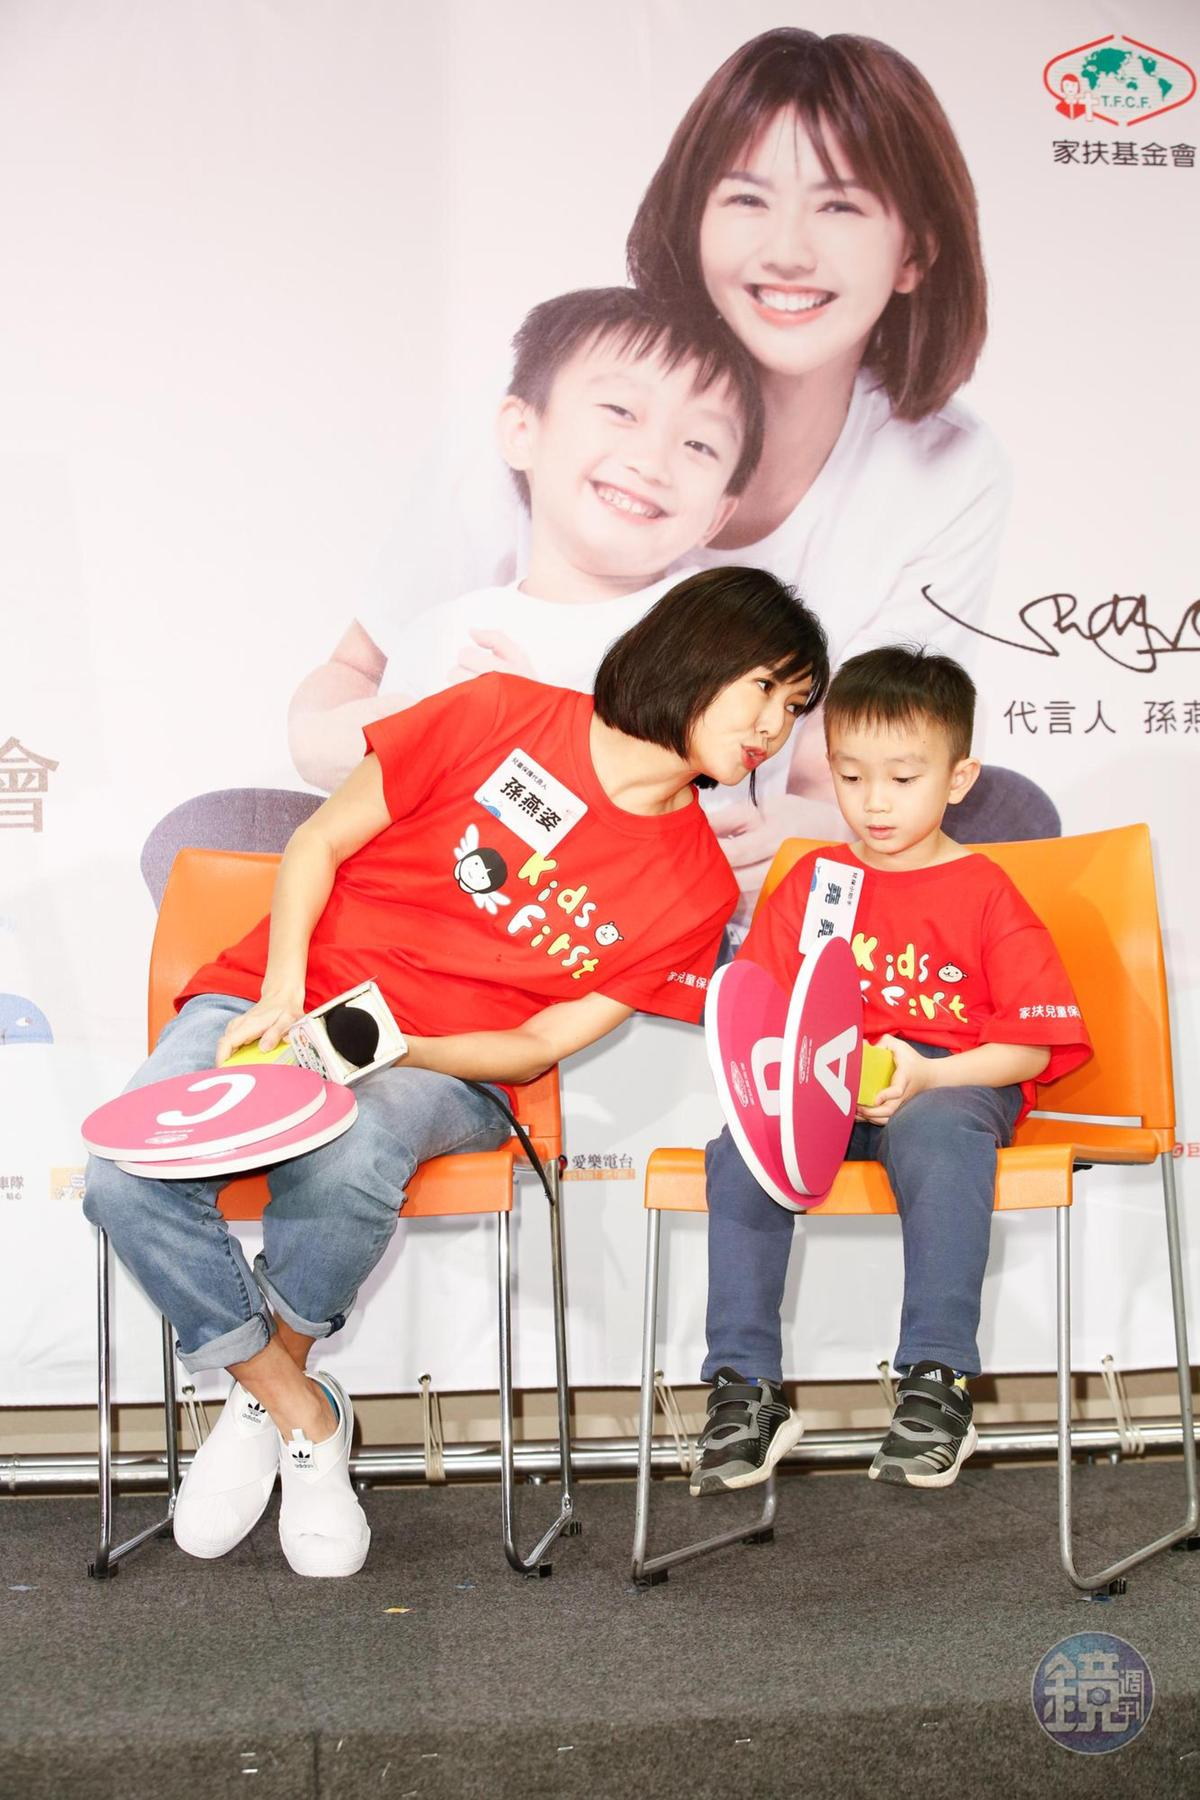 孫燕姿跟老公在家中都是黑臉父母,雖然不會打兒子,但偶爾會失控大吼,之後再跟兒子溝通道歉。